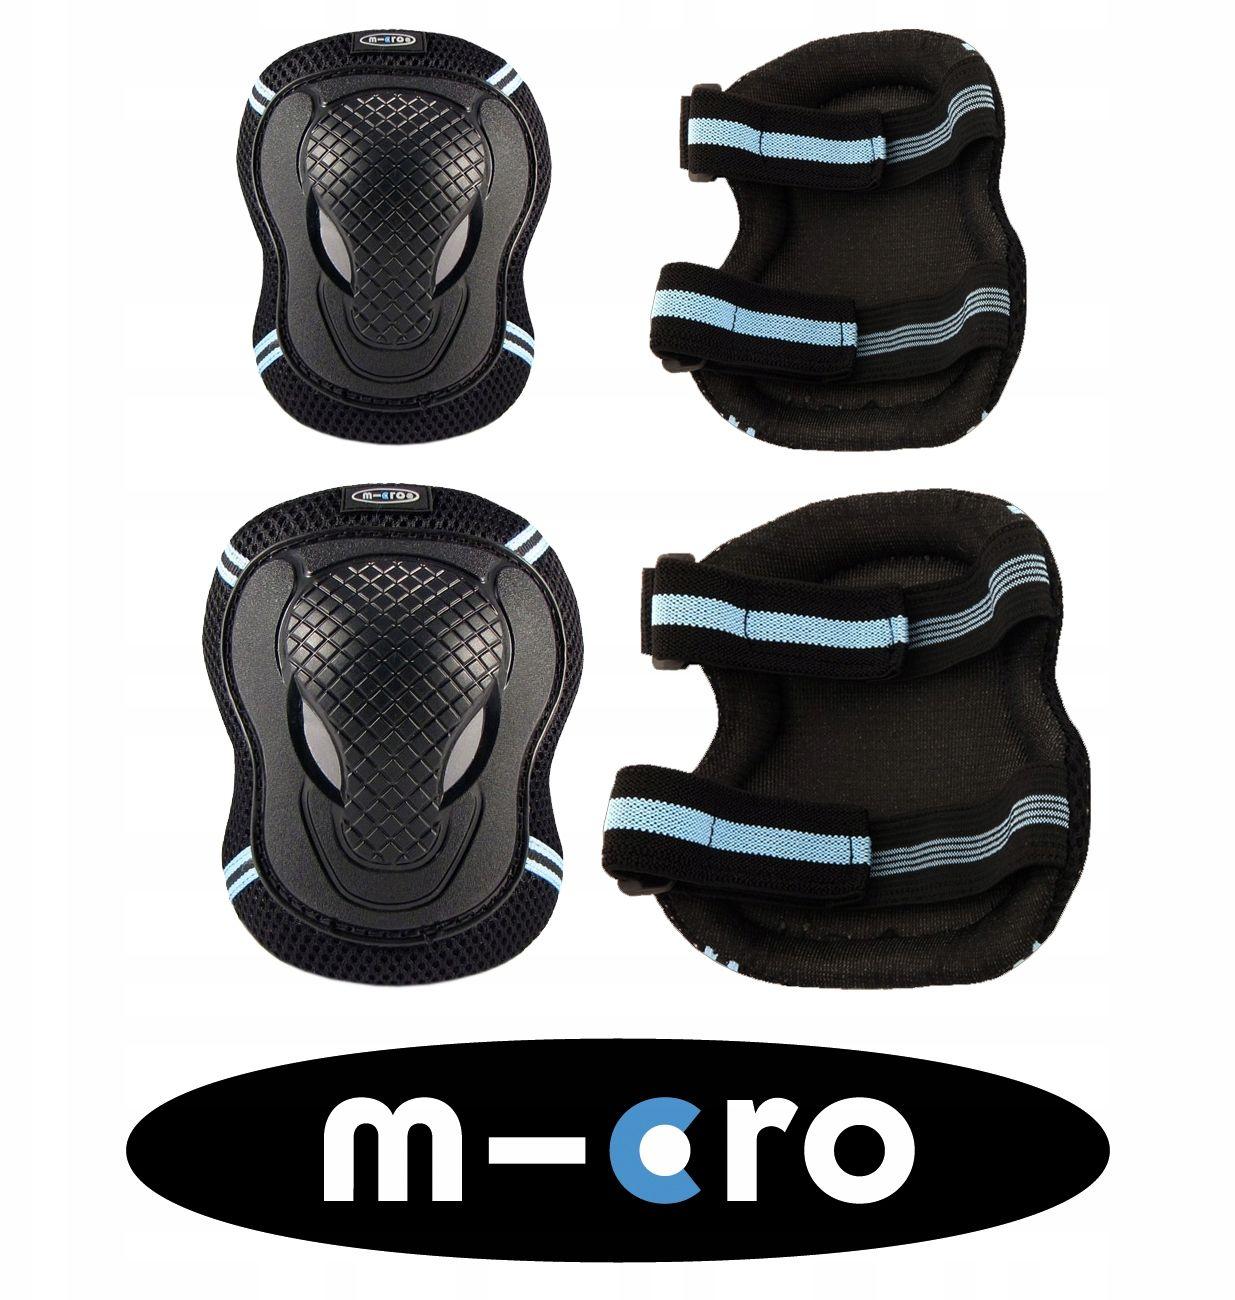 Ochraniacze Micro czarne AC8008